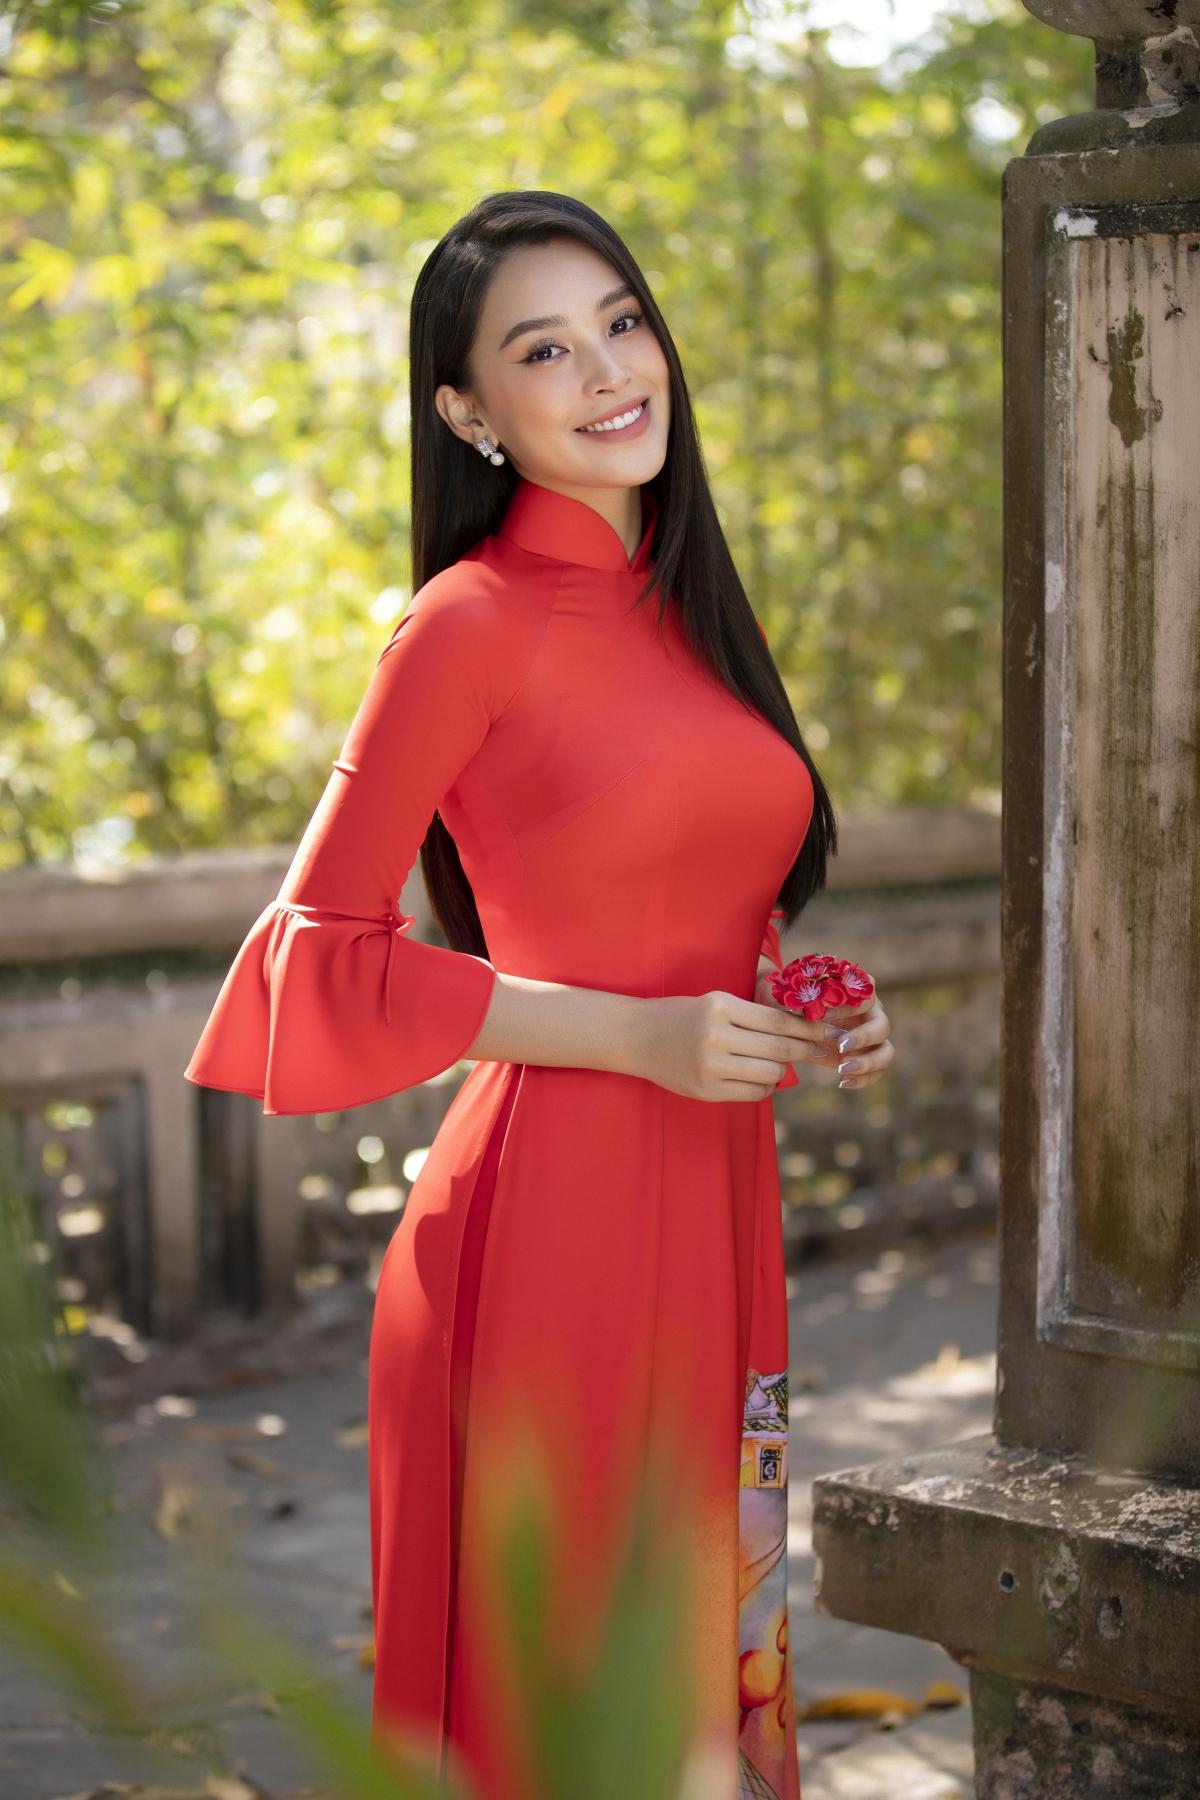 Tuy nhiệm kỳ đã kết thúc nhưng Tiểu Vy vẫn là một trong những nàng Hậu được khán giả yêu mến nhất hiện nay.